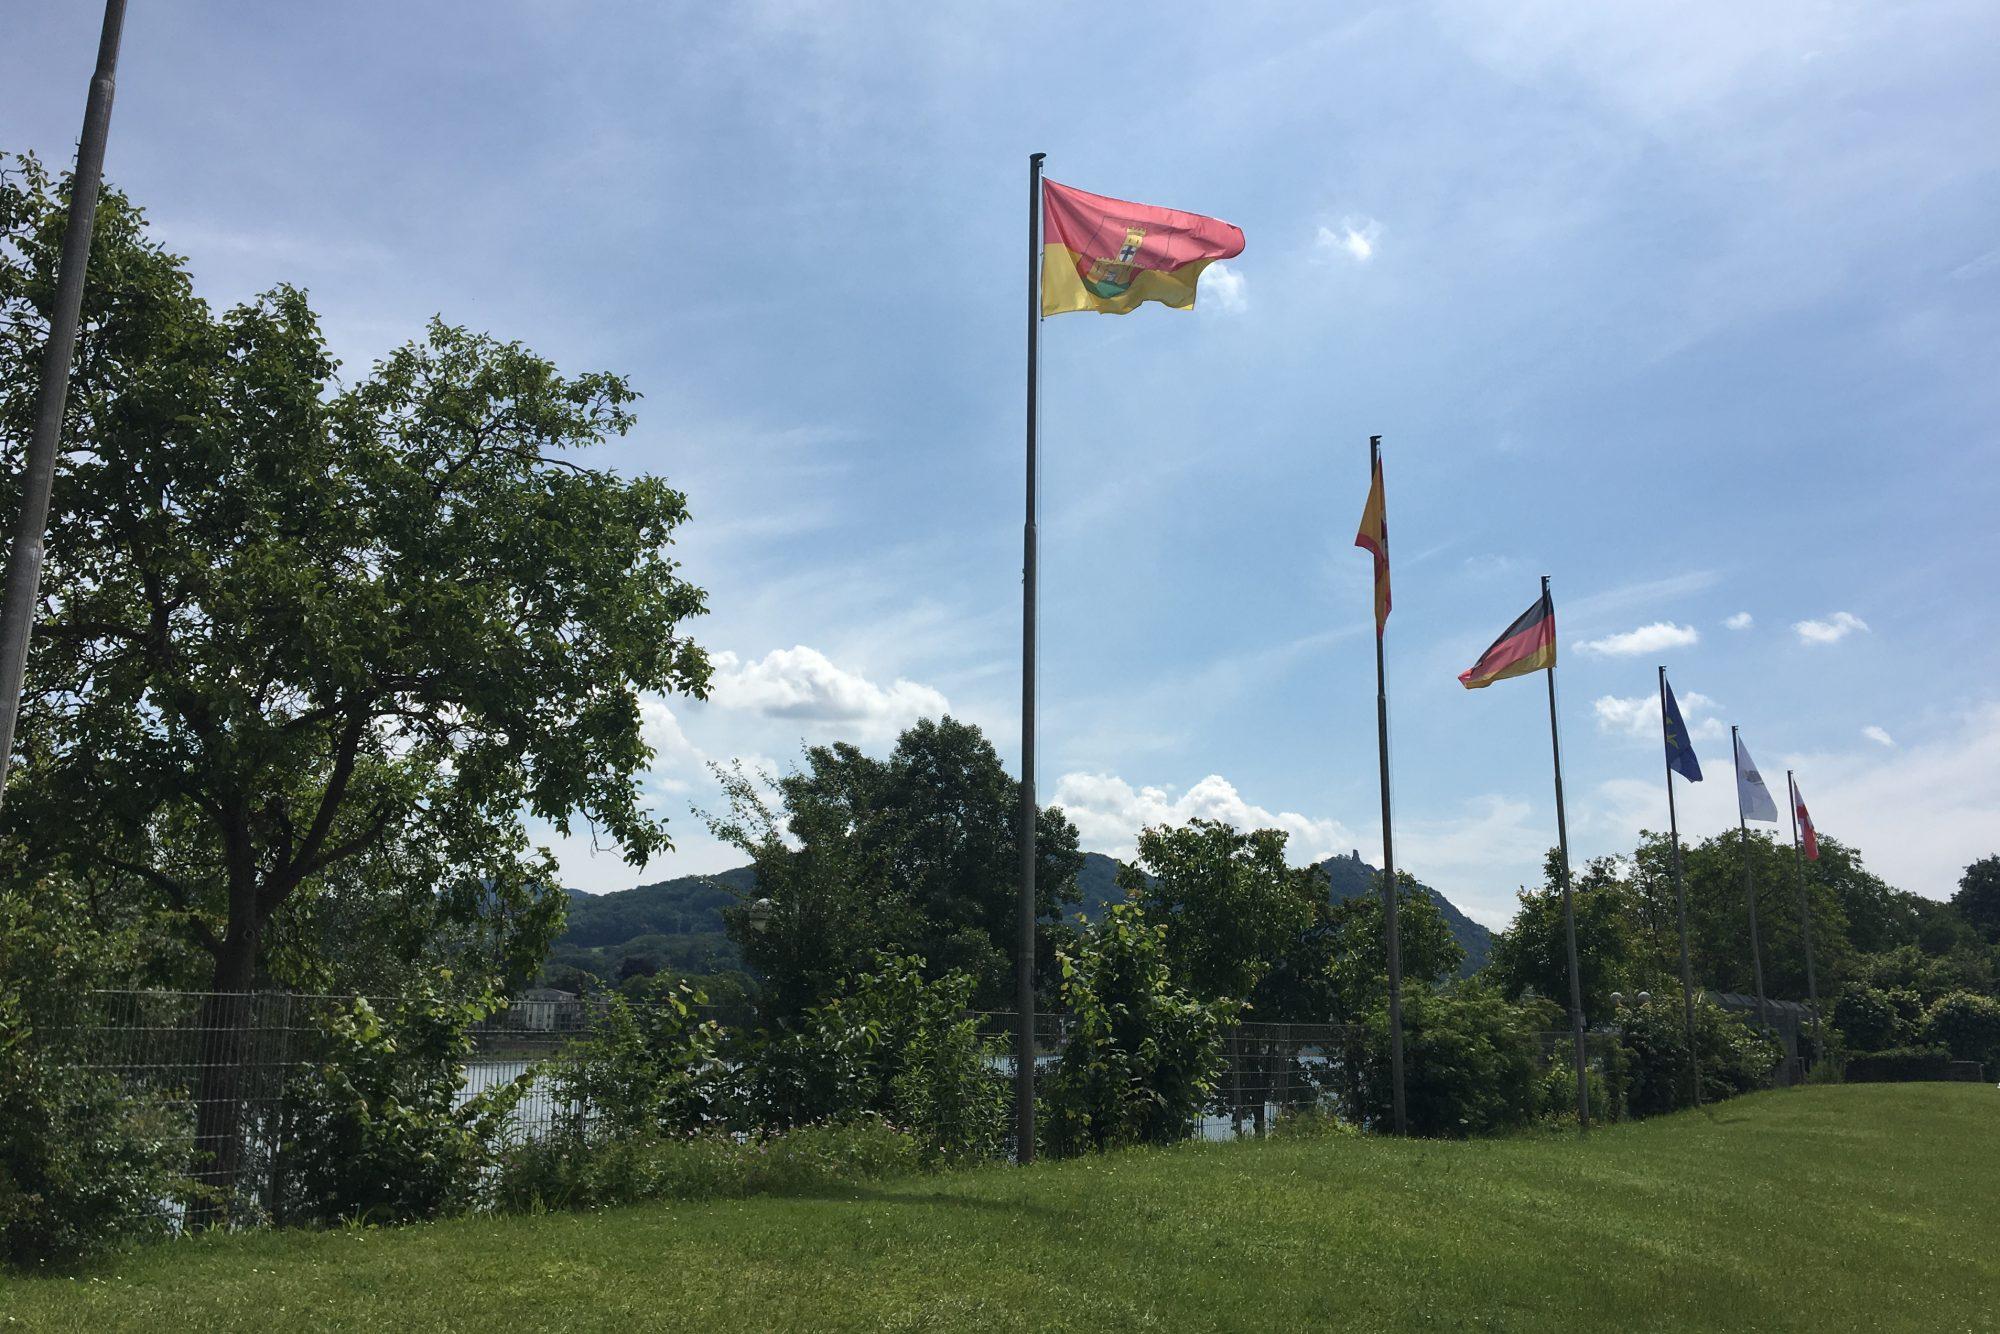 Förderverein Panoramabad Rüngsdorf e.V.